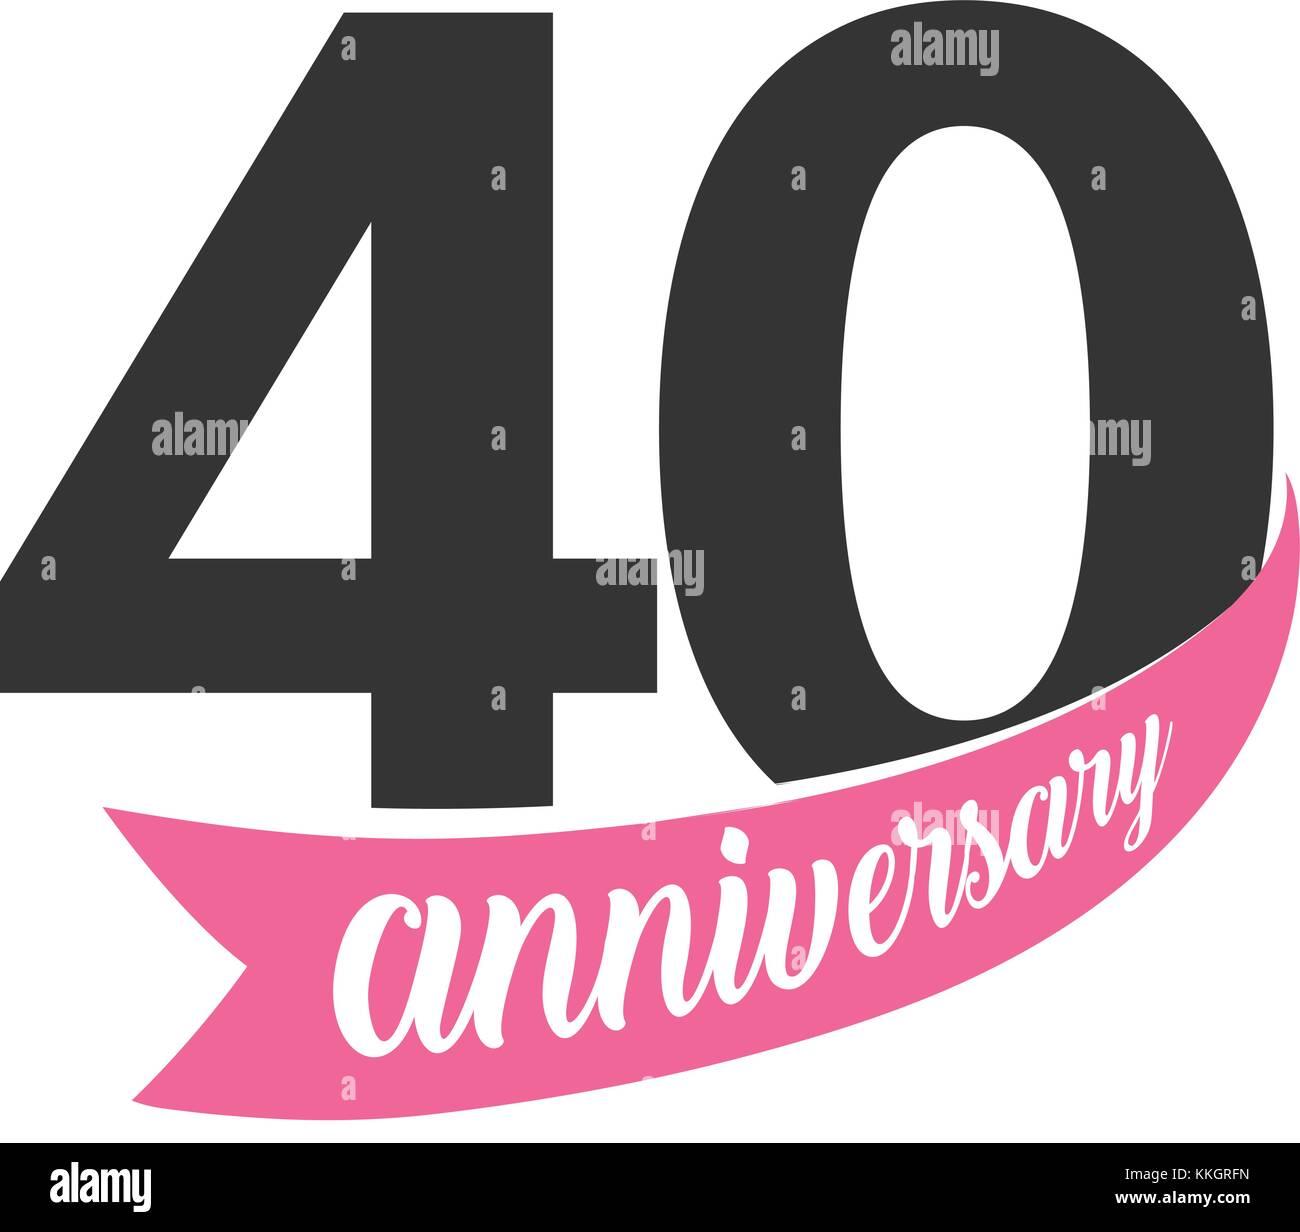 Quarantesimo Anniversario Matrimonio.Quarantesimo Anniversario Logo Vettoriale Numero 40